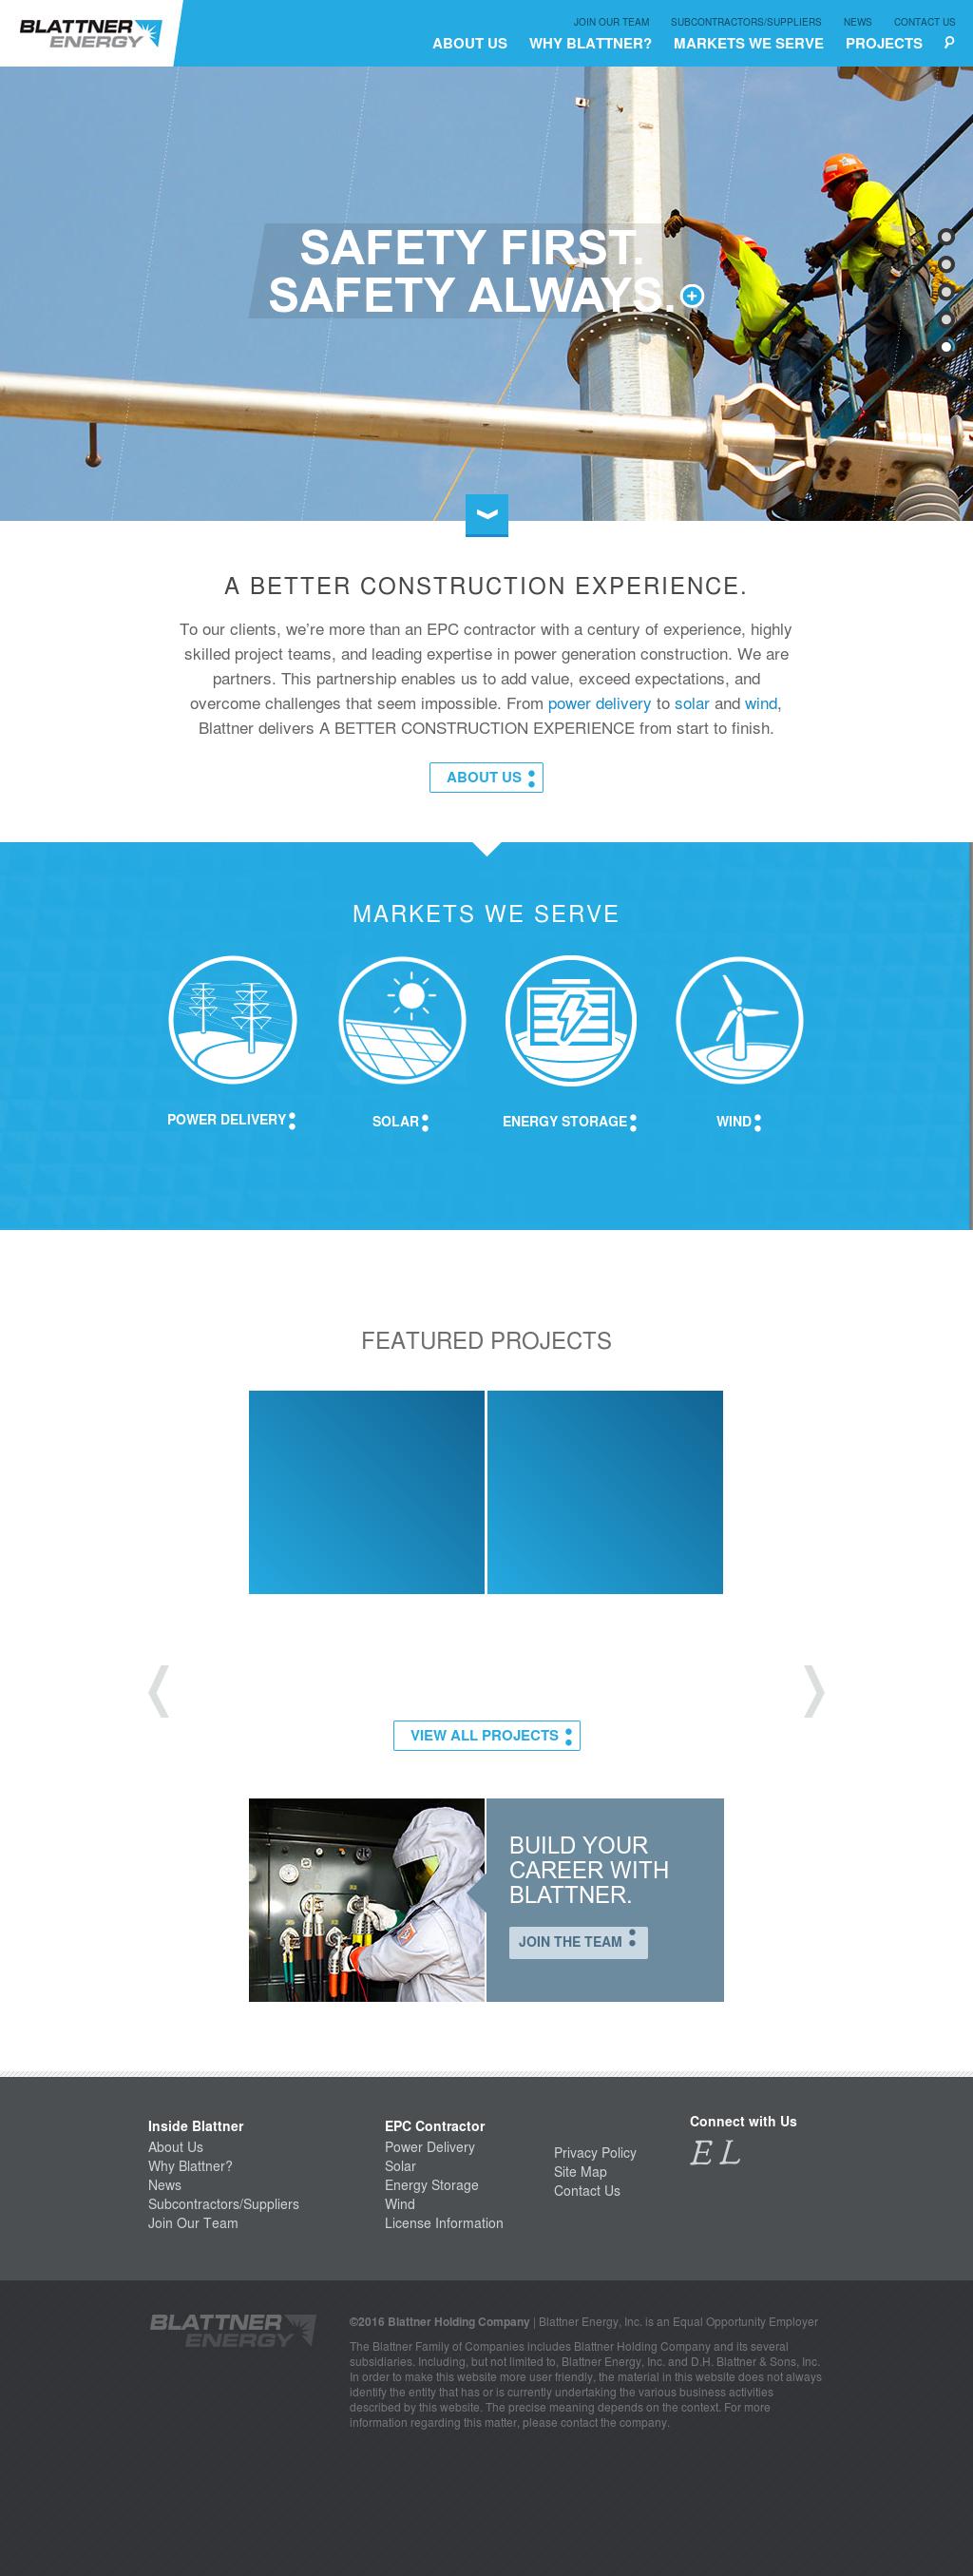 Blattner Energy Texas - Energy Etfs